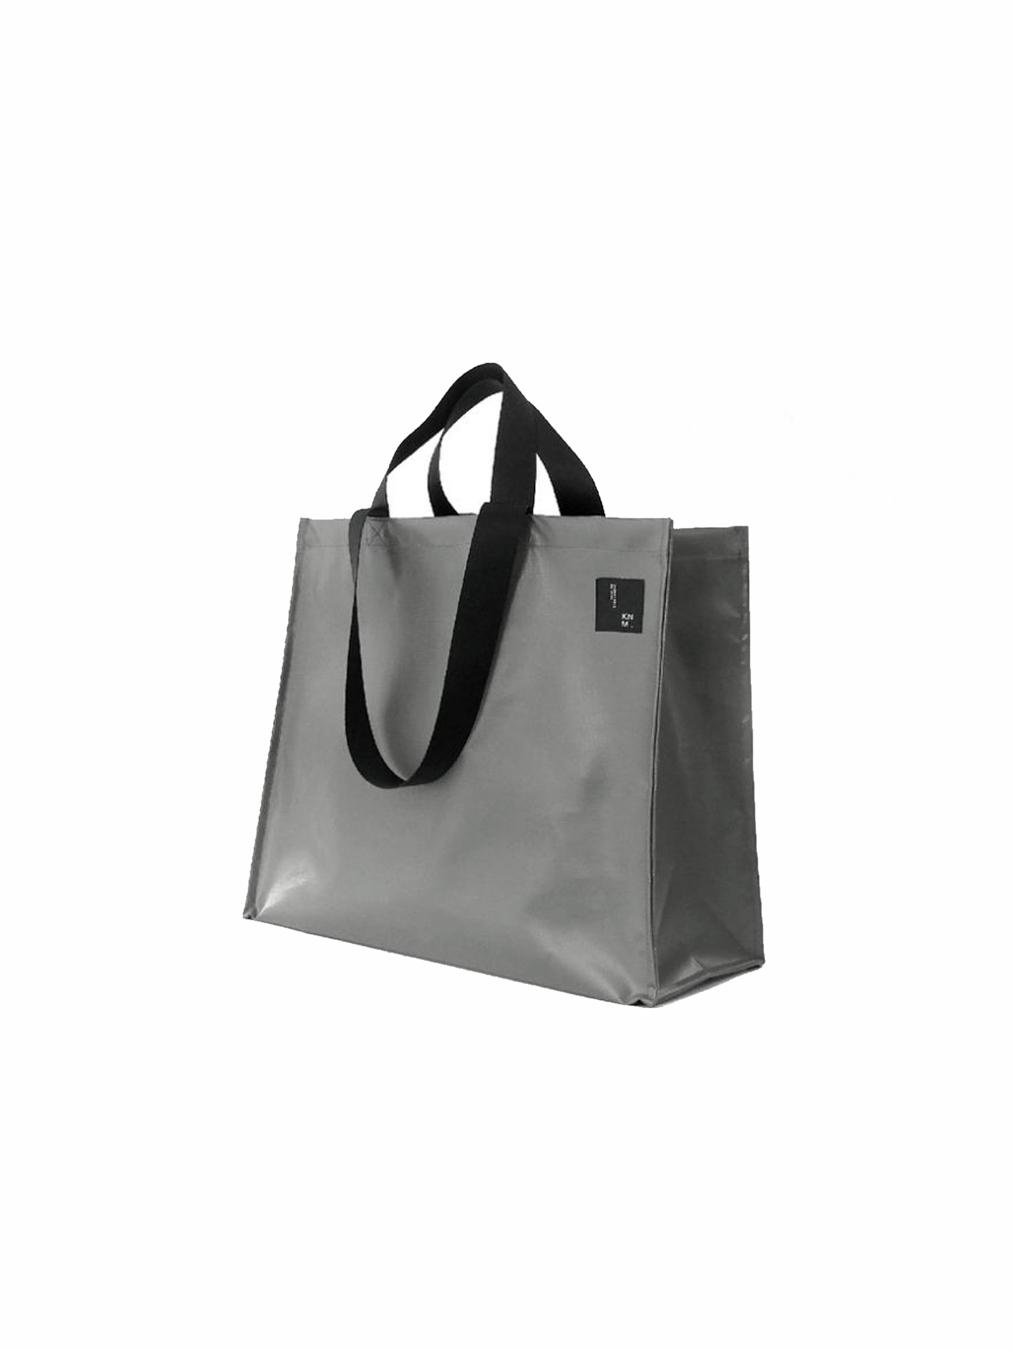 Carton Bag  (Smoke)